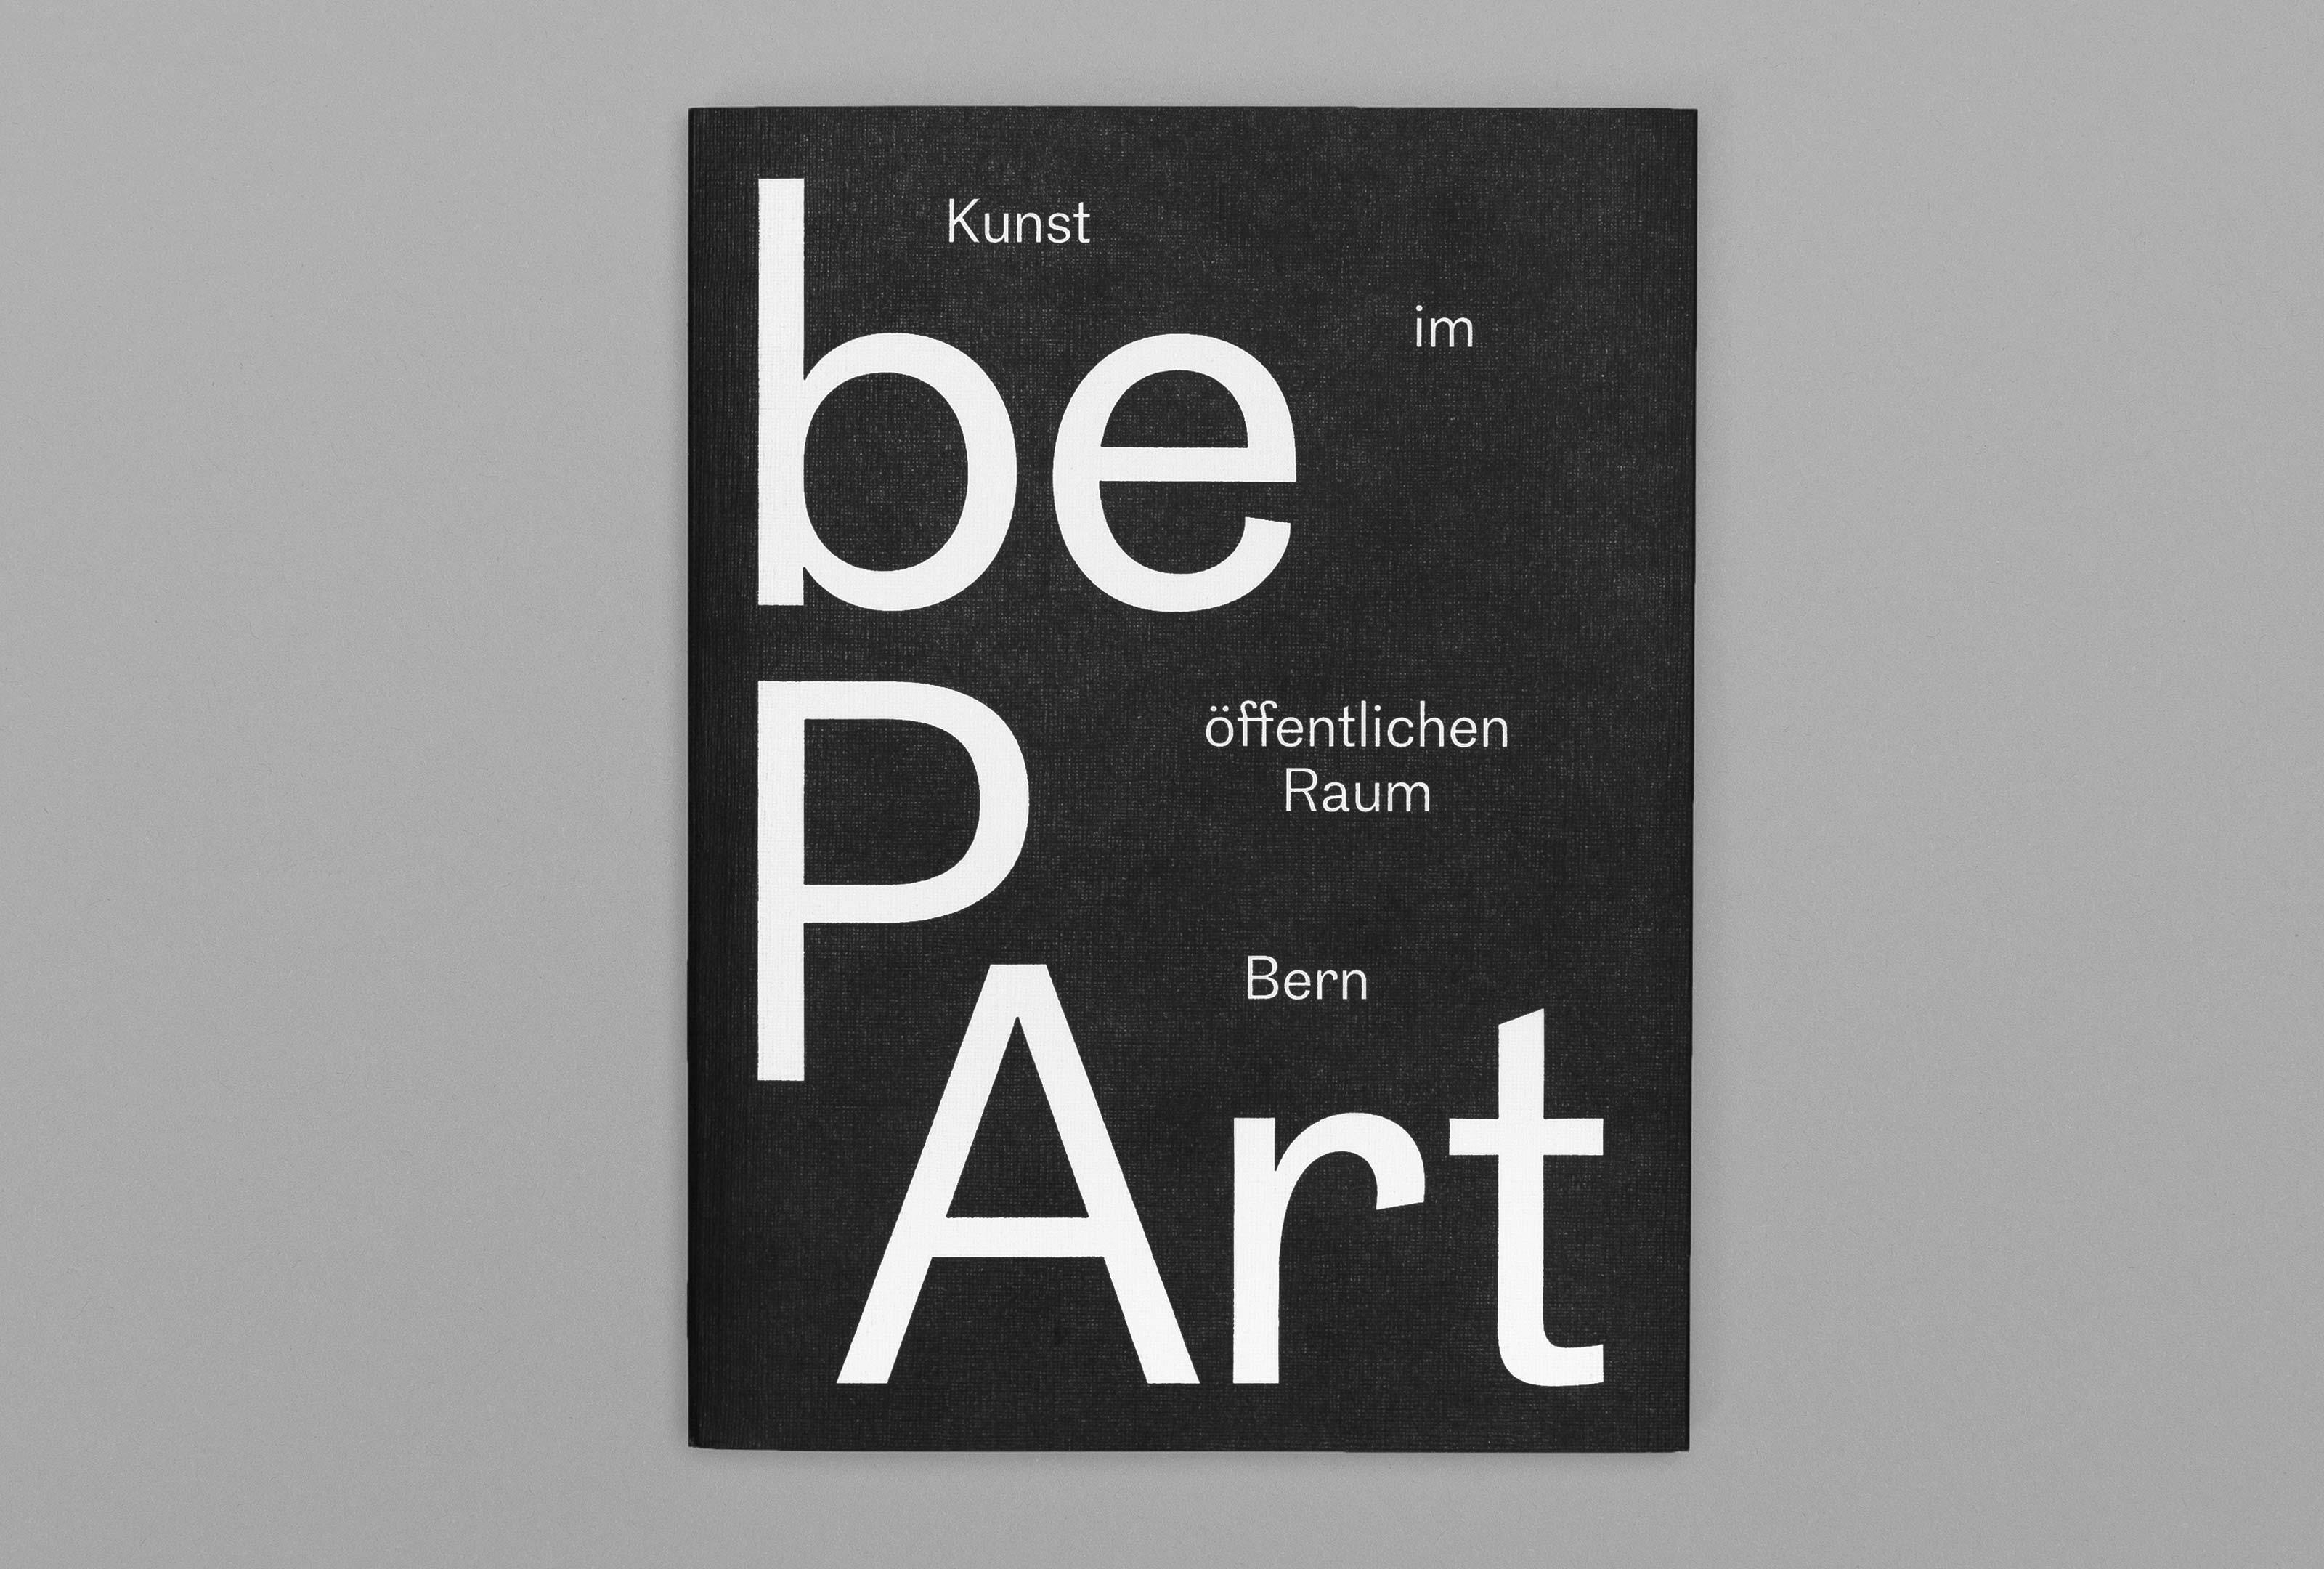 bePArt – Kunst im öffentlichen Raum Bern, cover front ©Atelier Pol × Barbara Hess